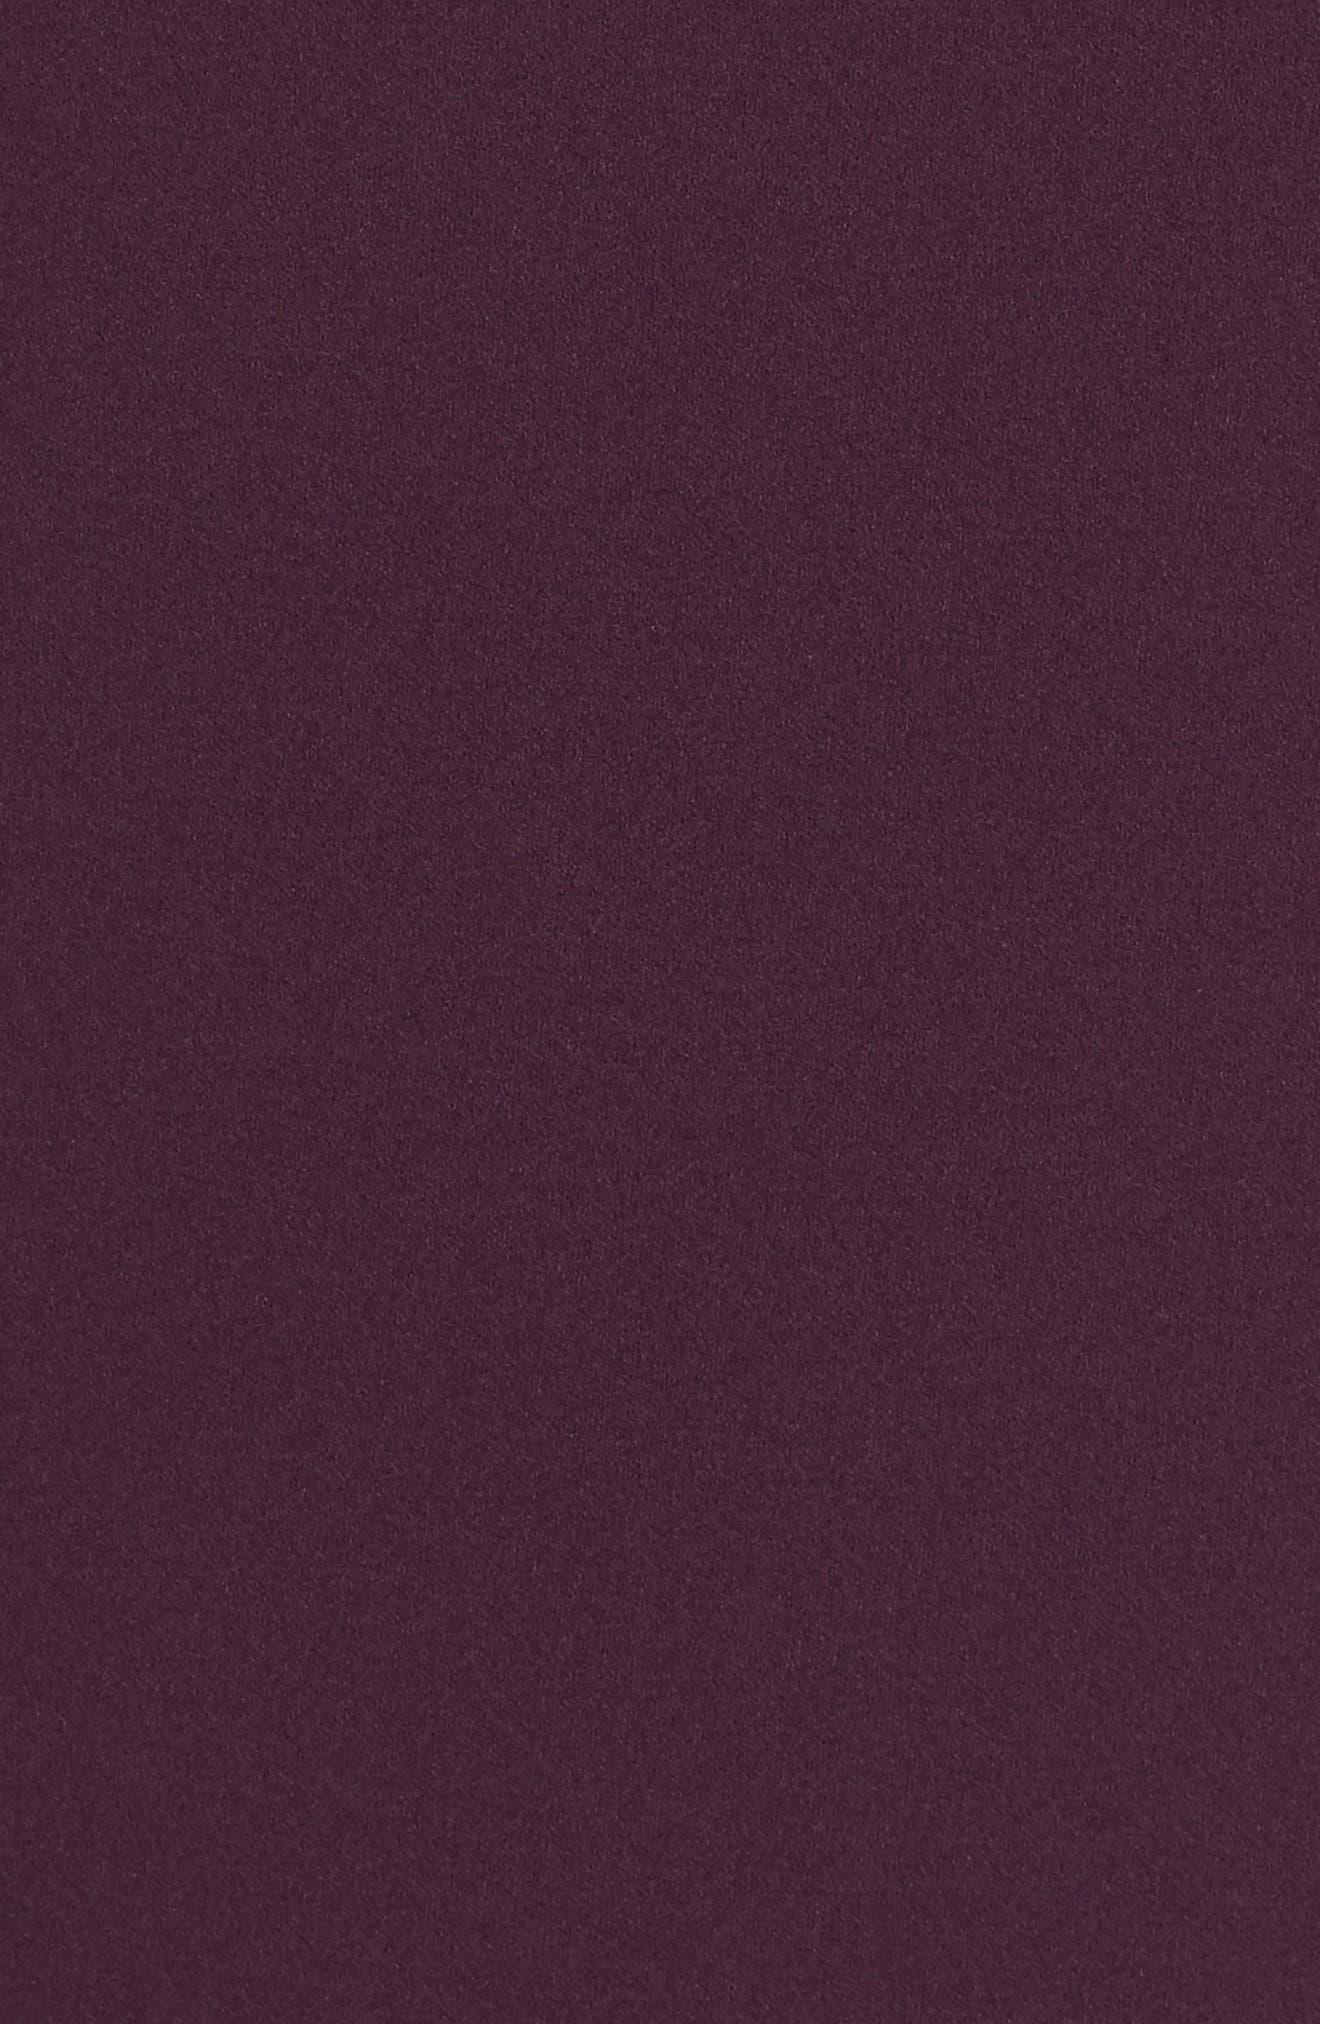 Choker Bell Sleeve Shift Dress,                             Alternate thumbnail 5, color,                             510